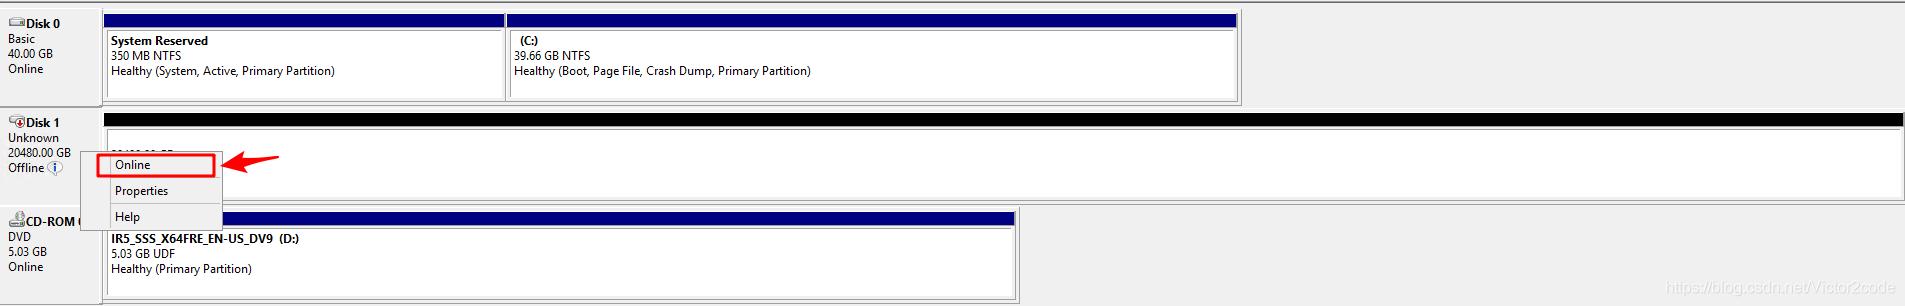 5-disk-online.png